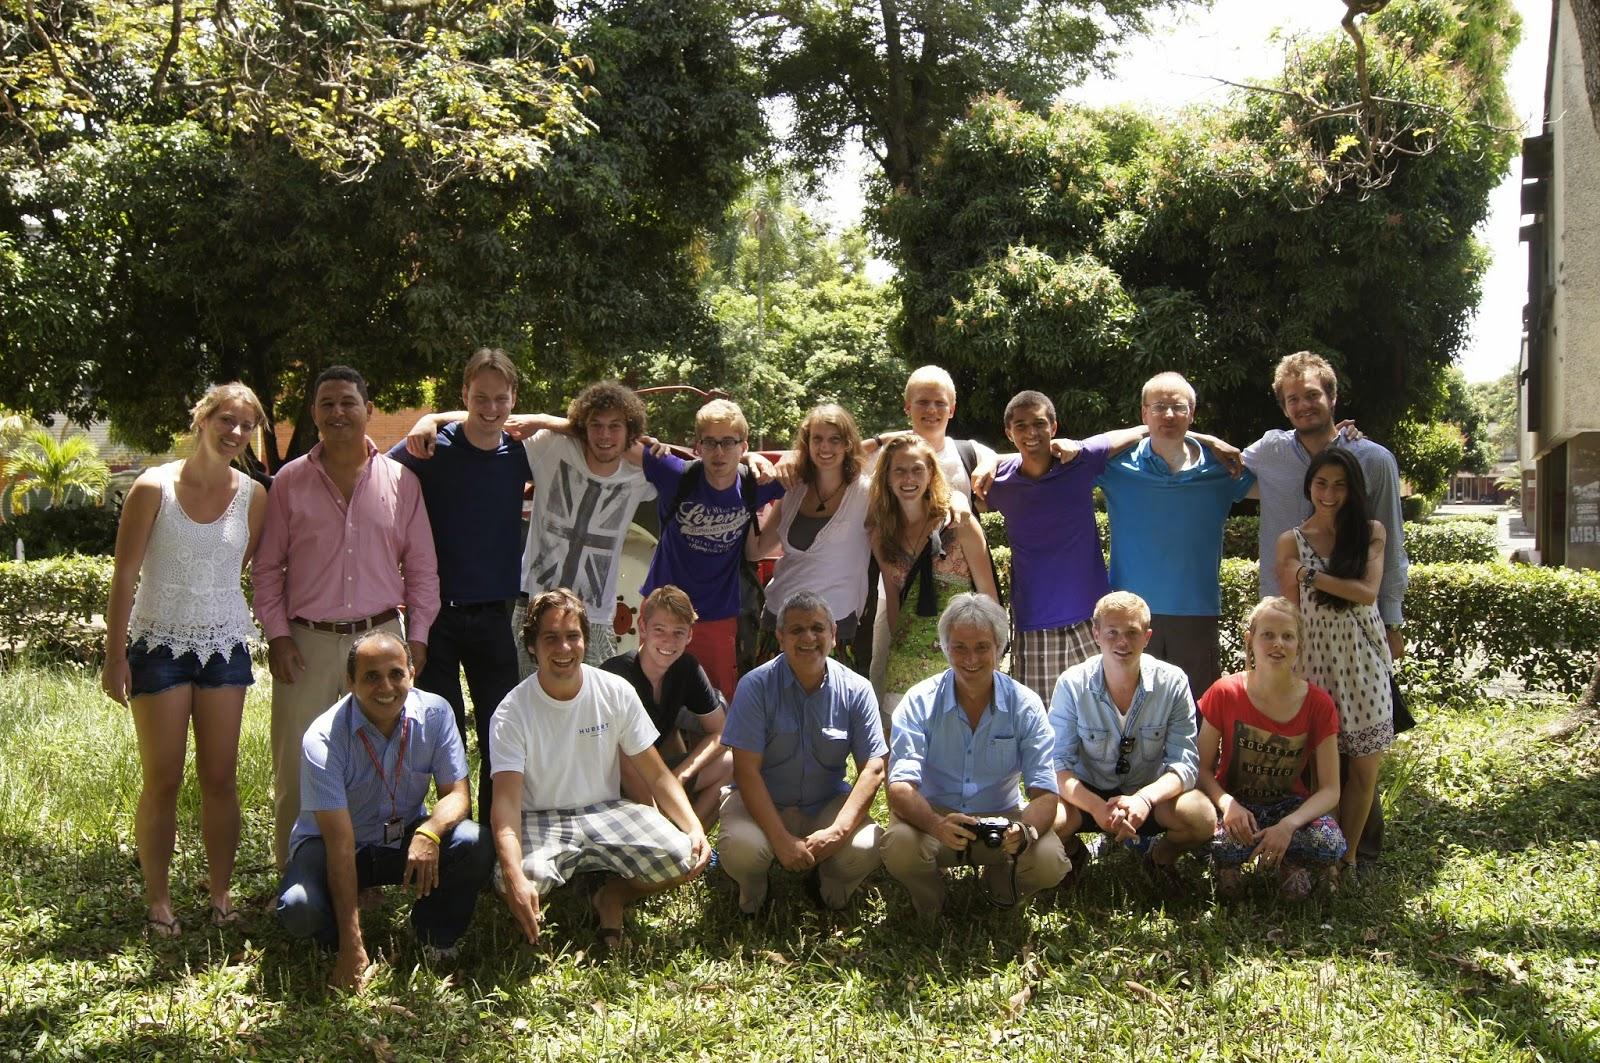 Estudiantes y Profesores de la Universidad de Delft Holanda